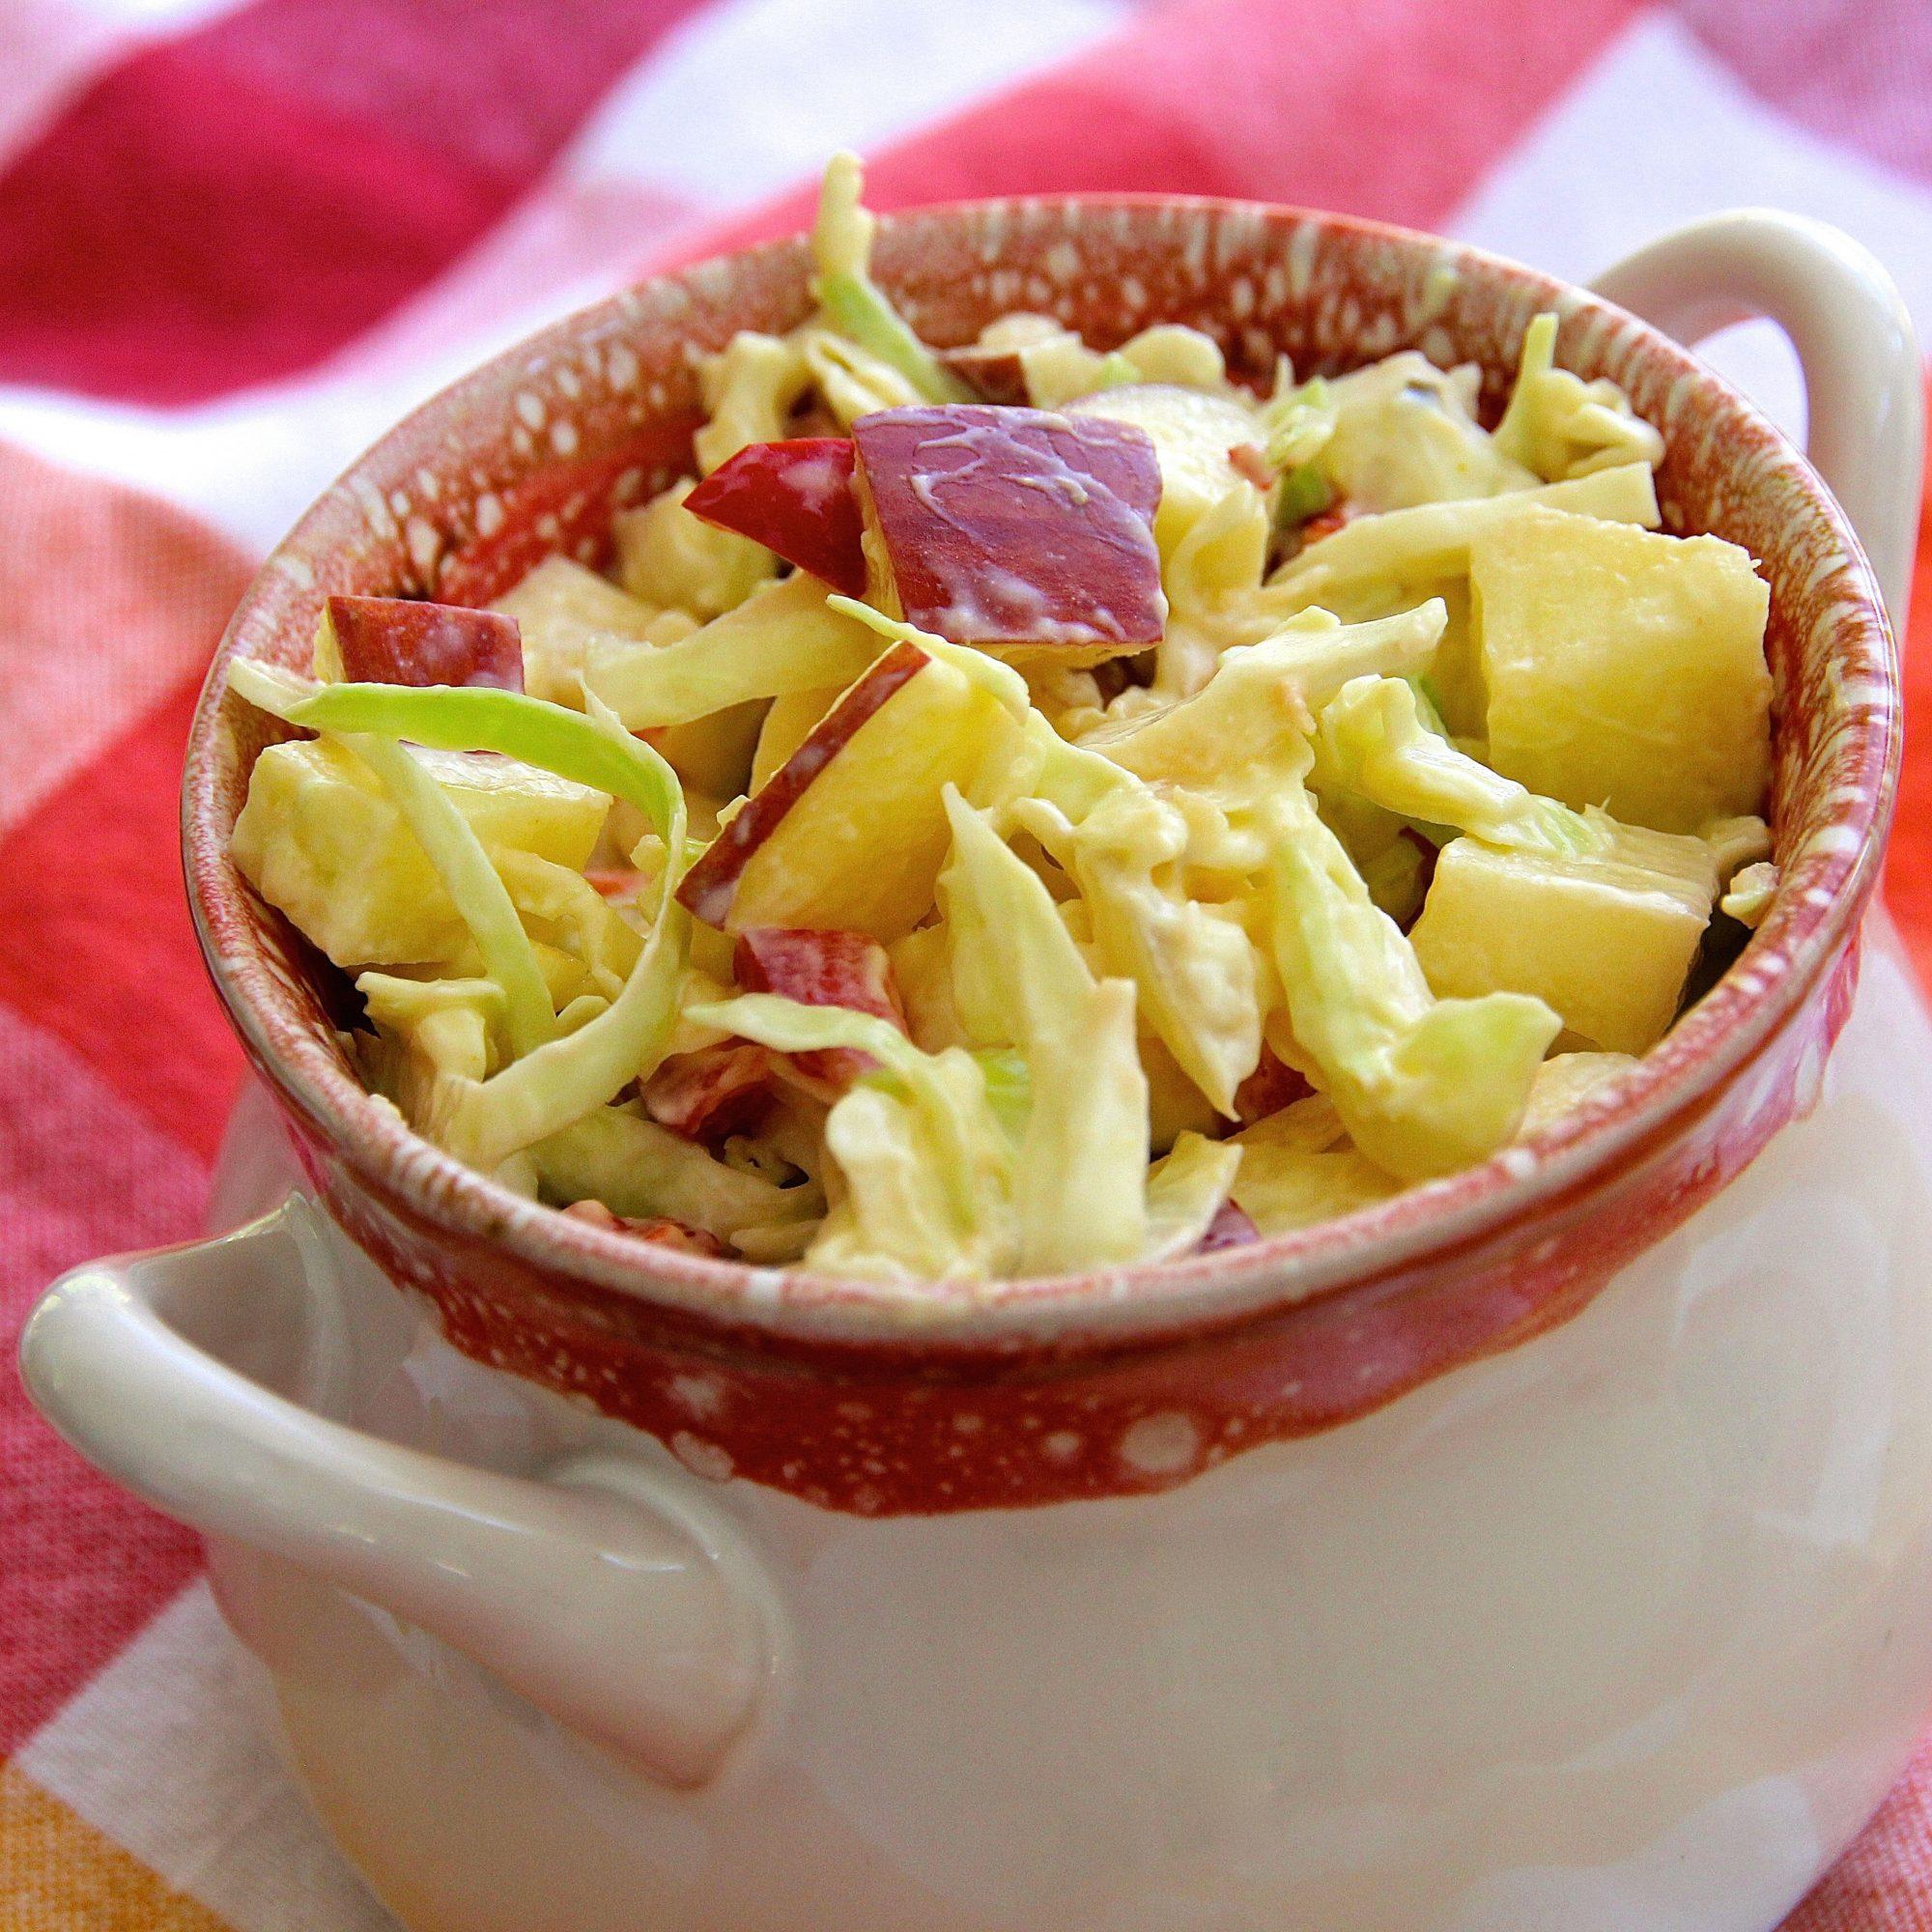 Ensalada de col y manzana